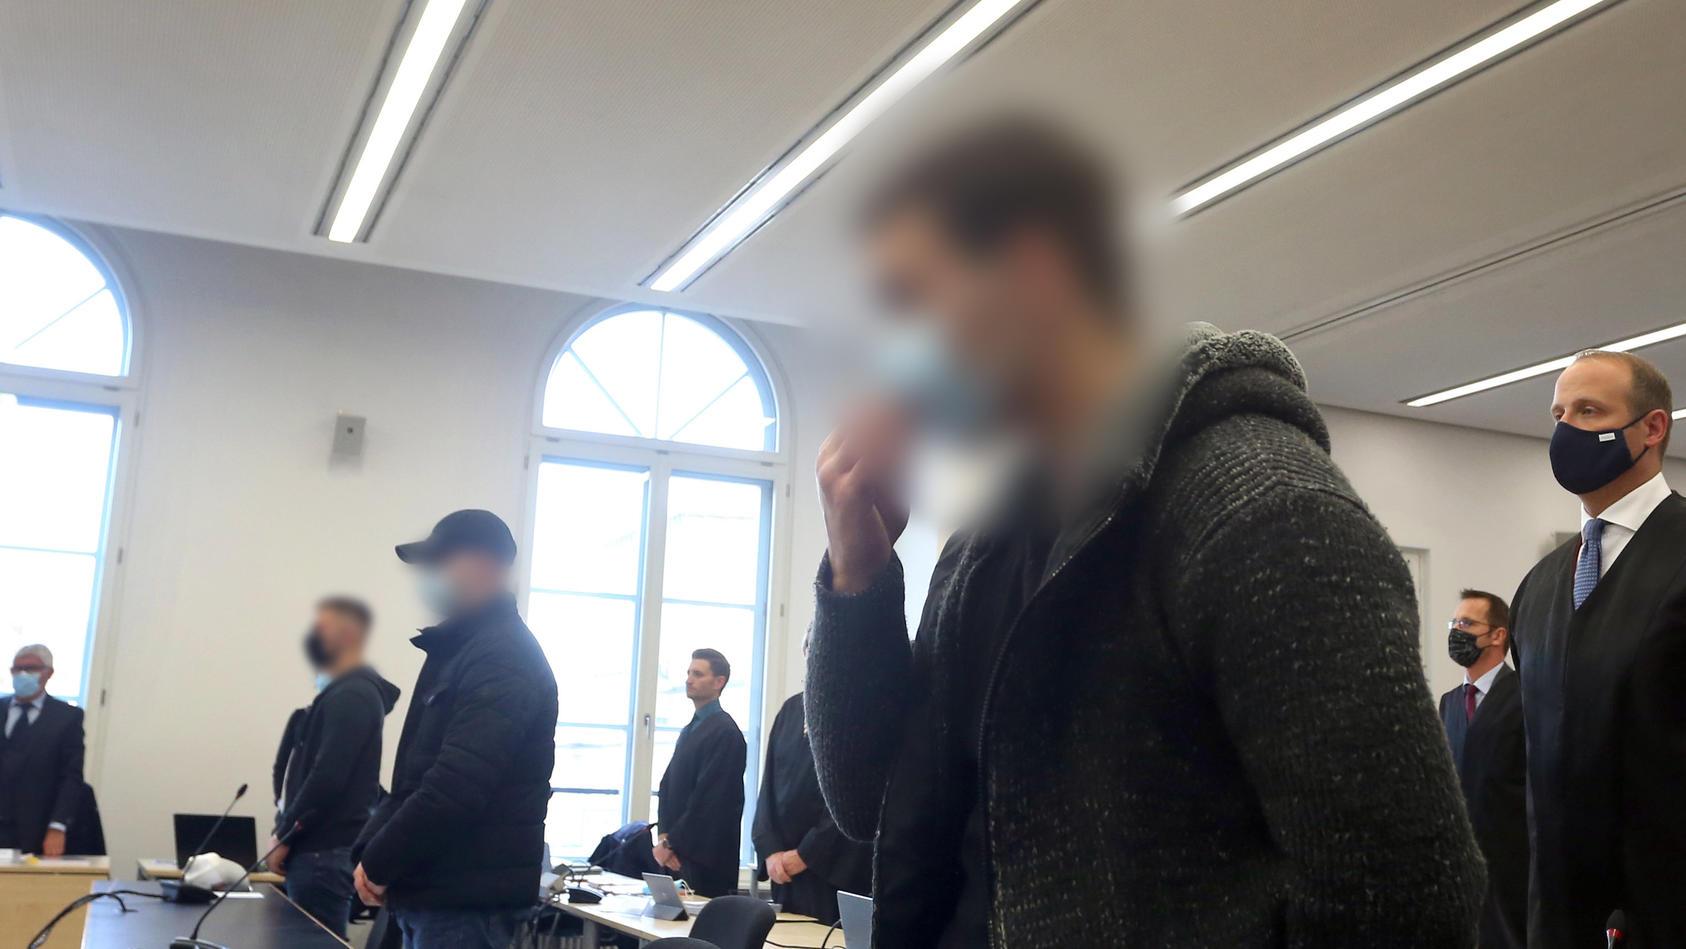 Augsburg: Der Hauptangeklagte (r) steht im Gerichtssaal des Landgerichtes neben zwei Mitangeklagten.